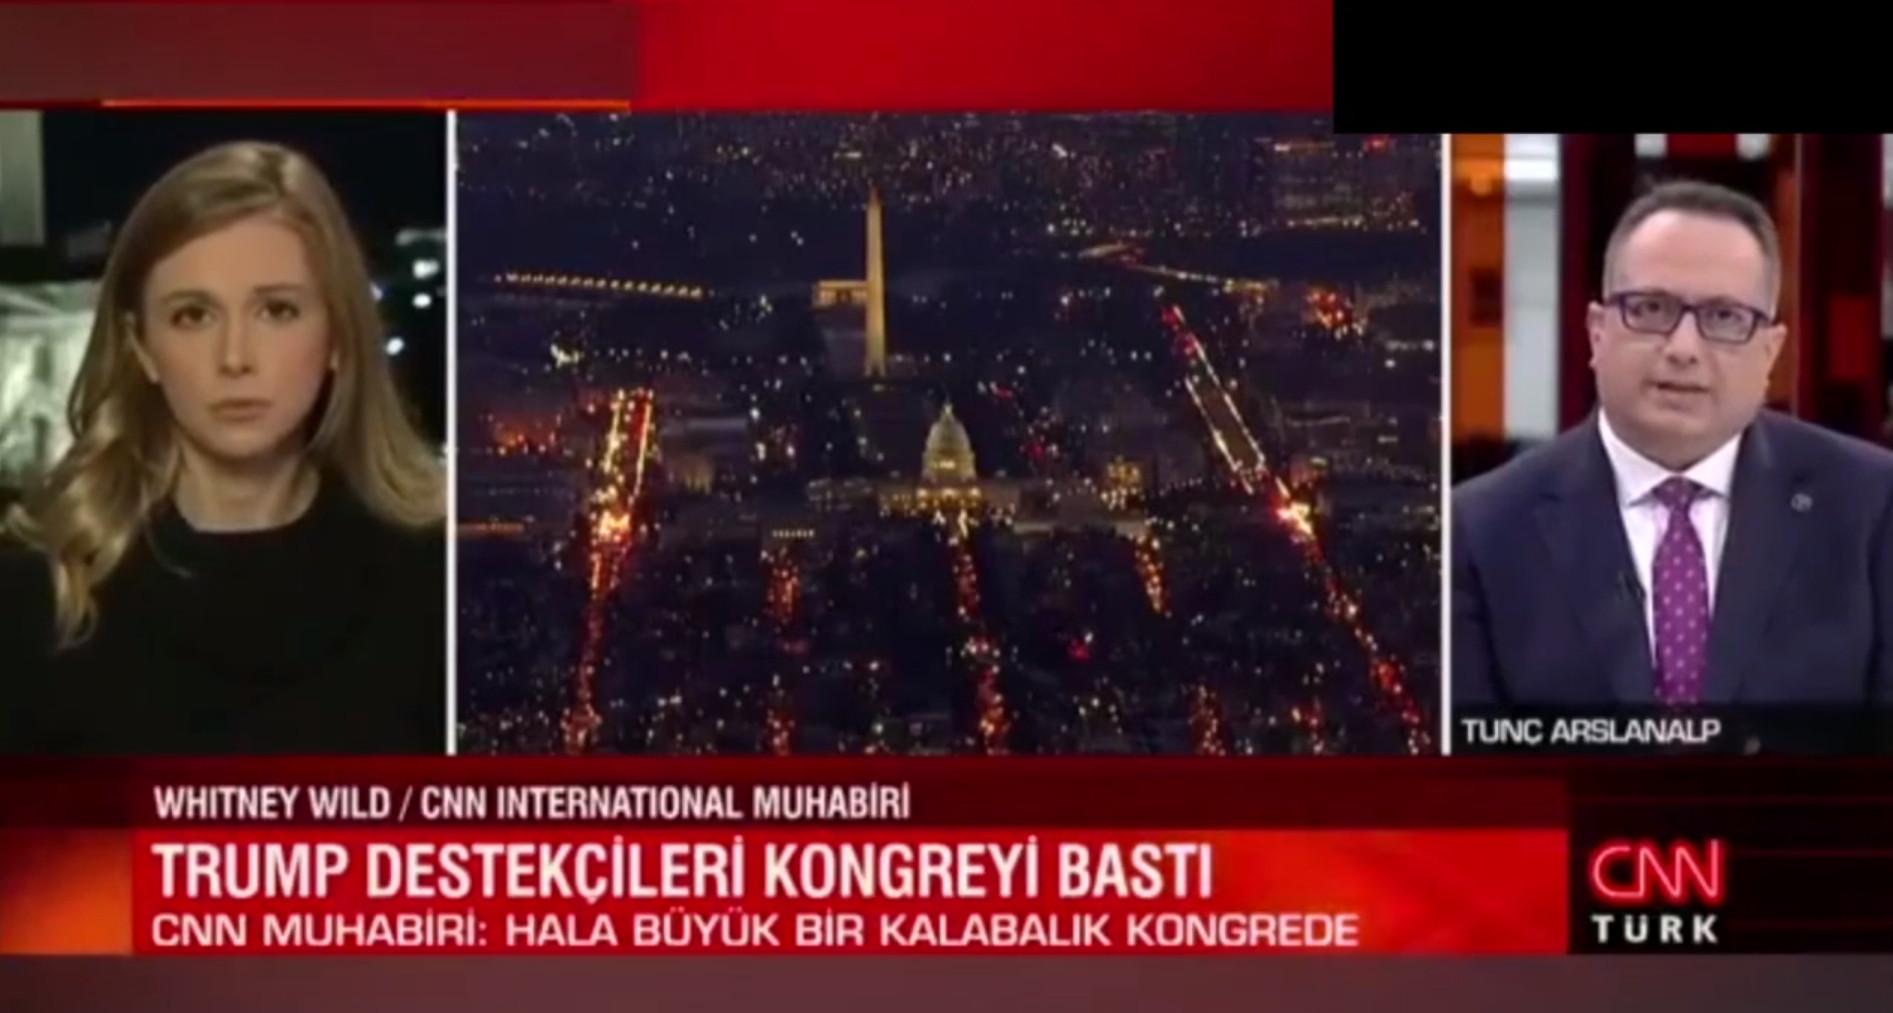 CNN Türk ekranlarında yine ilginç anlar: Demokrasi soruldu ve...